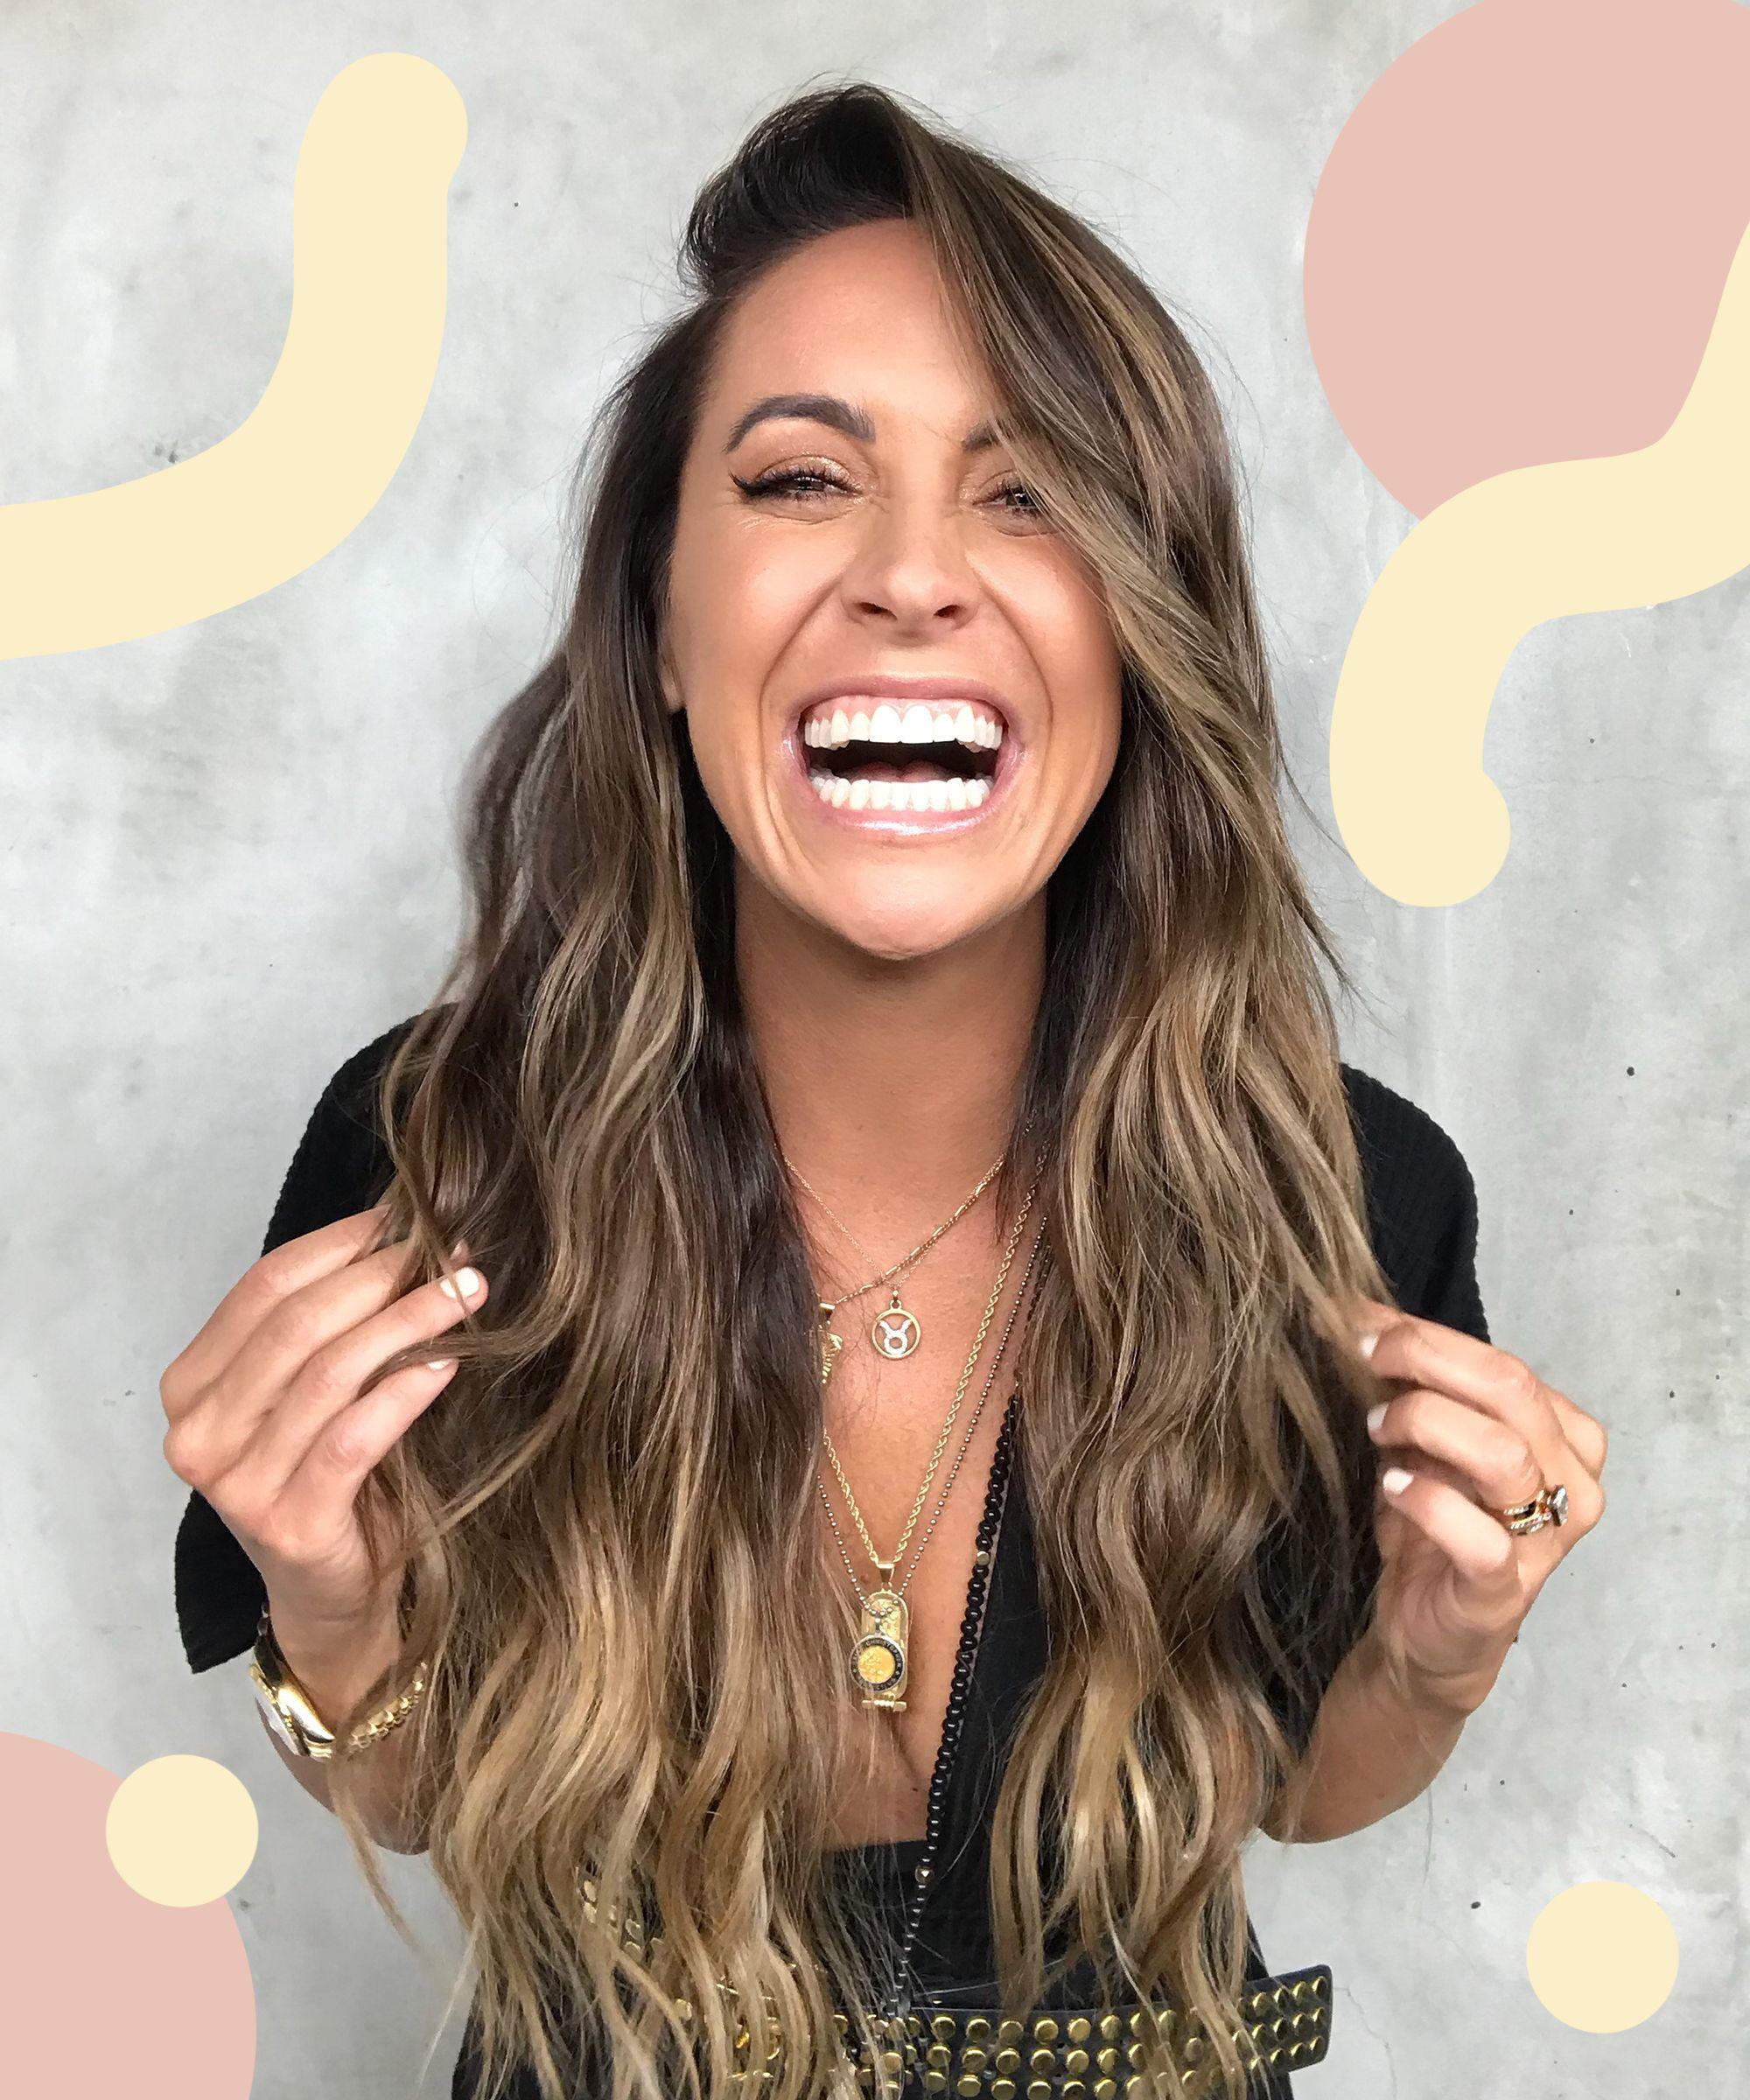 cores de cabelos tendencias em 2019